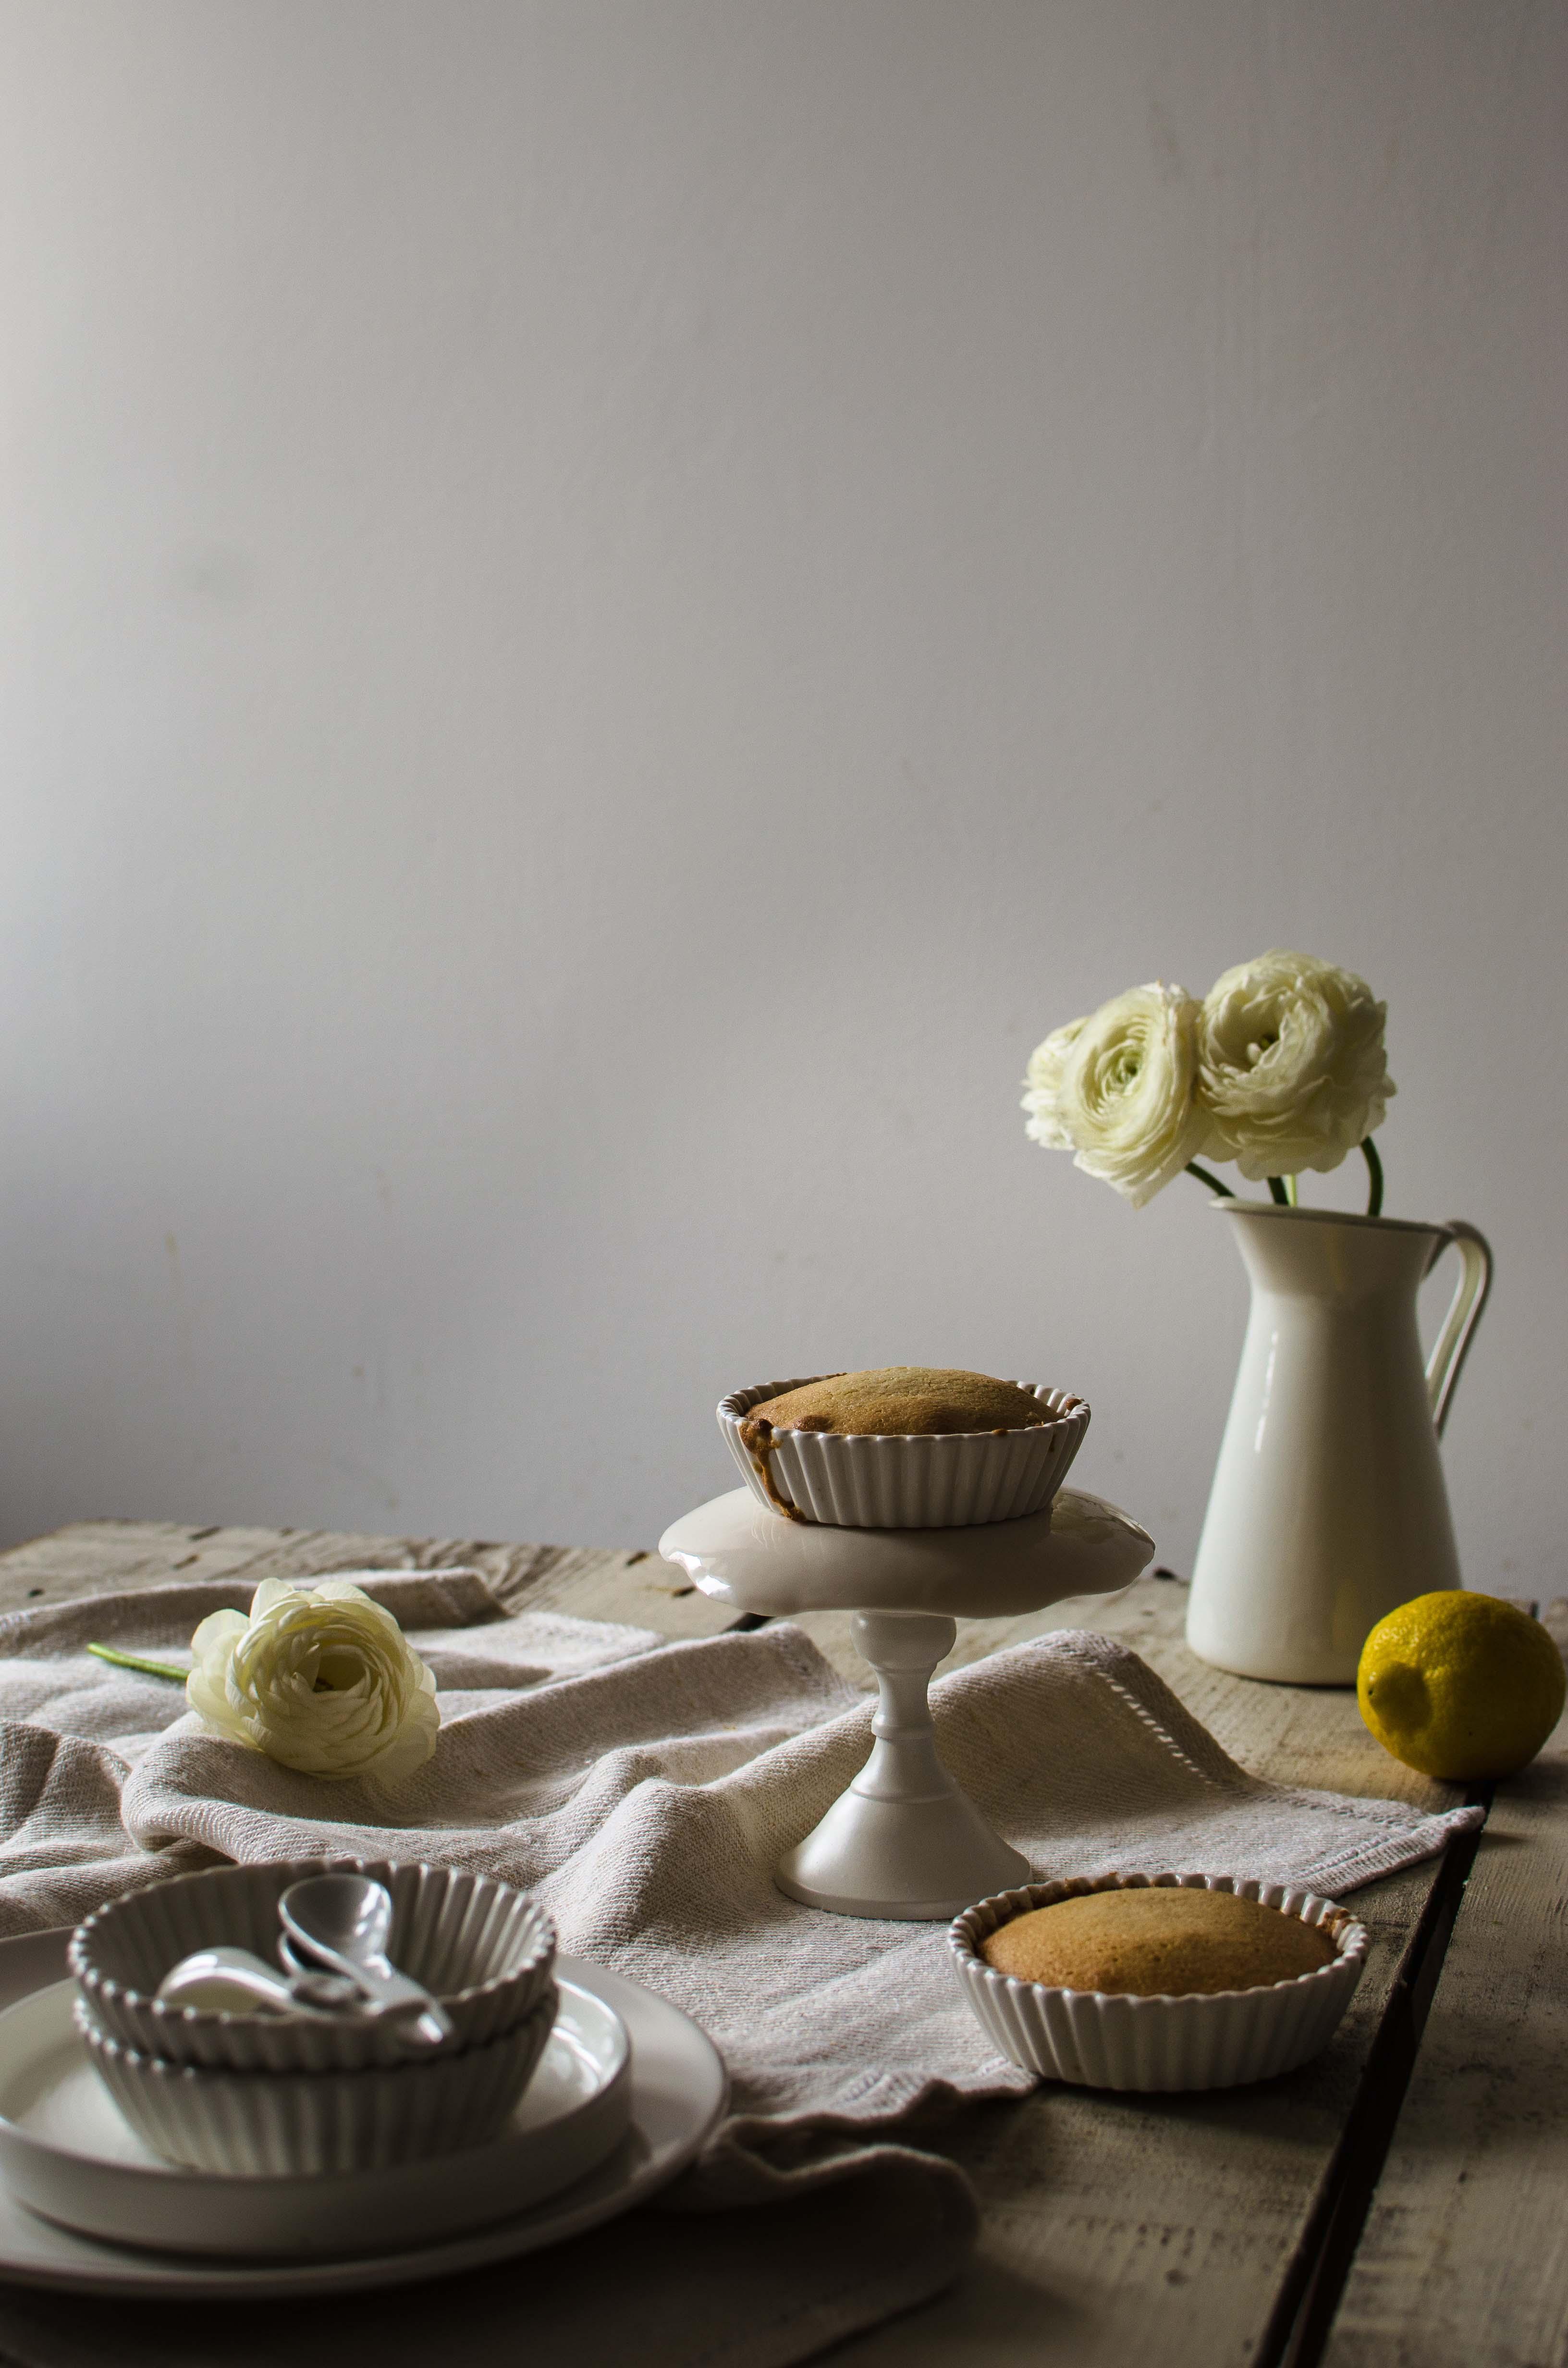 financier_limone_meringa Financiers alle mandorle, crema al limone e meringa